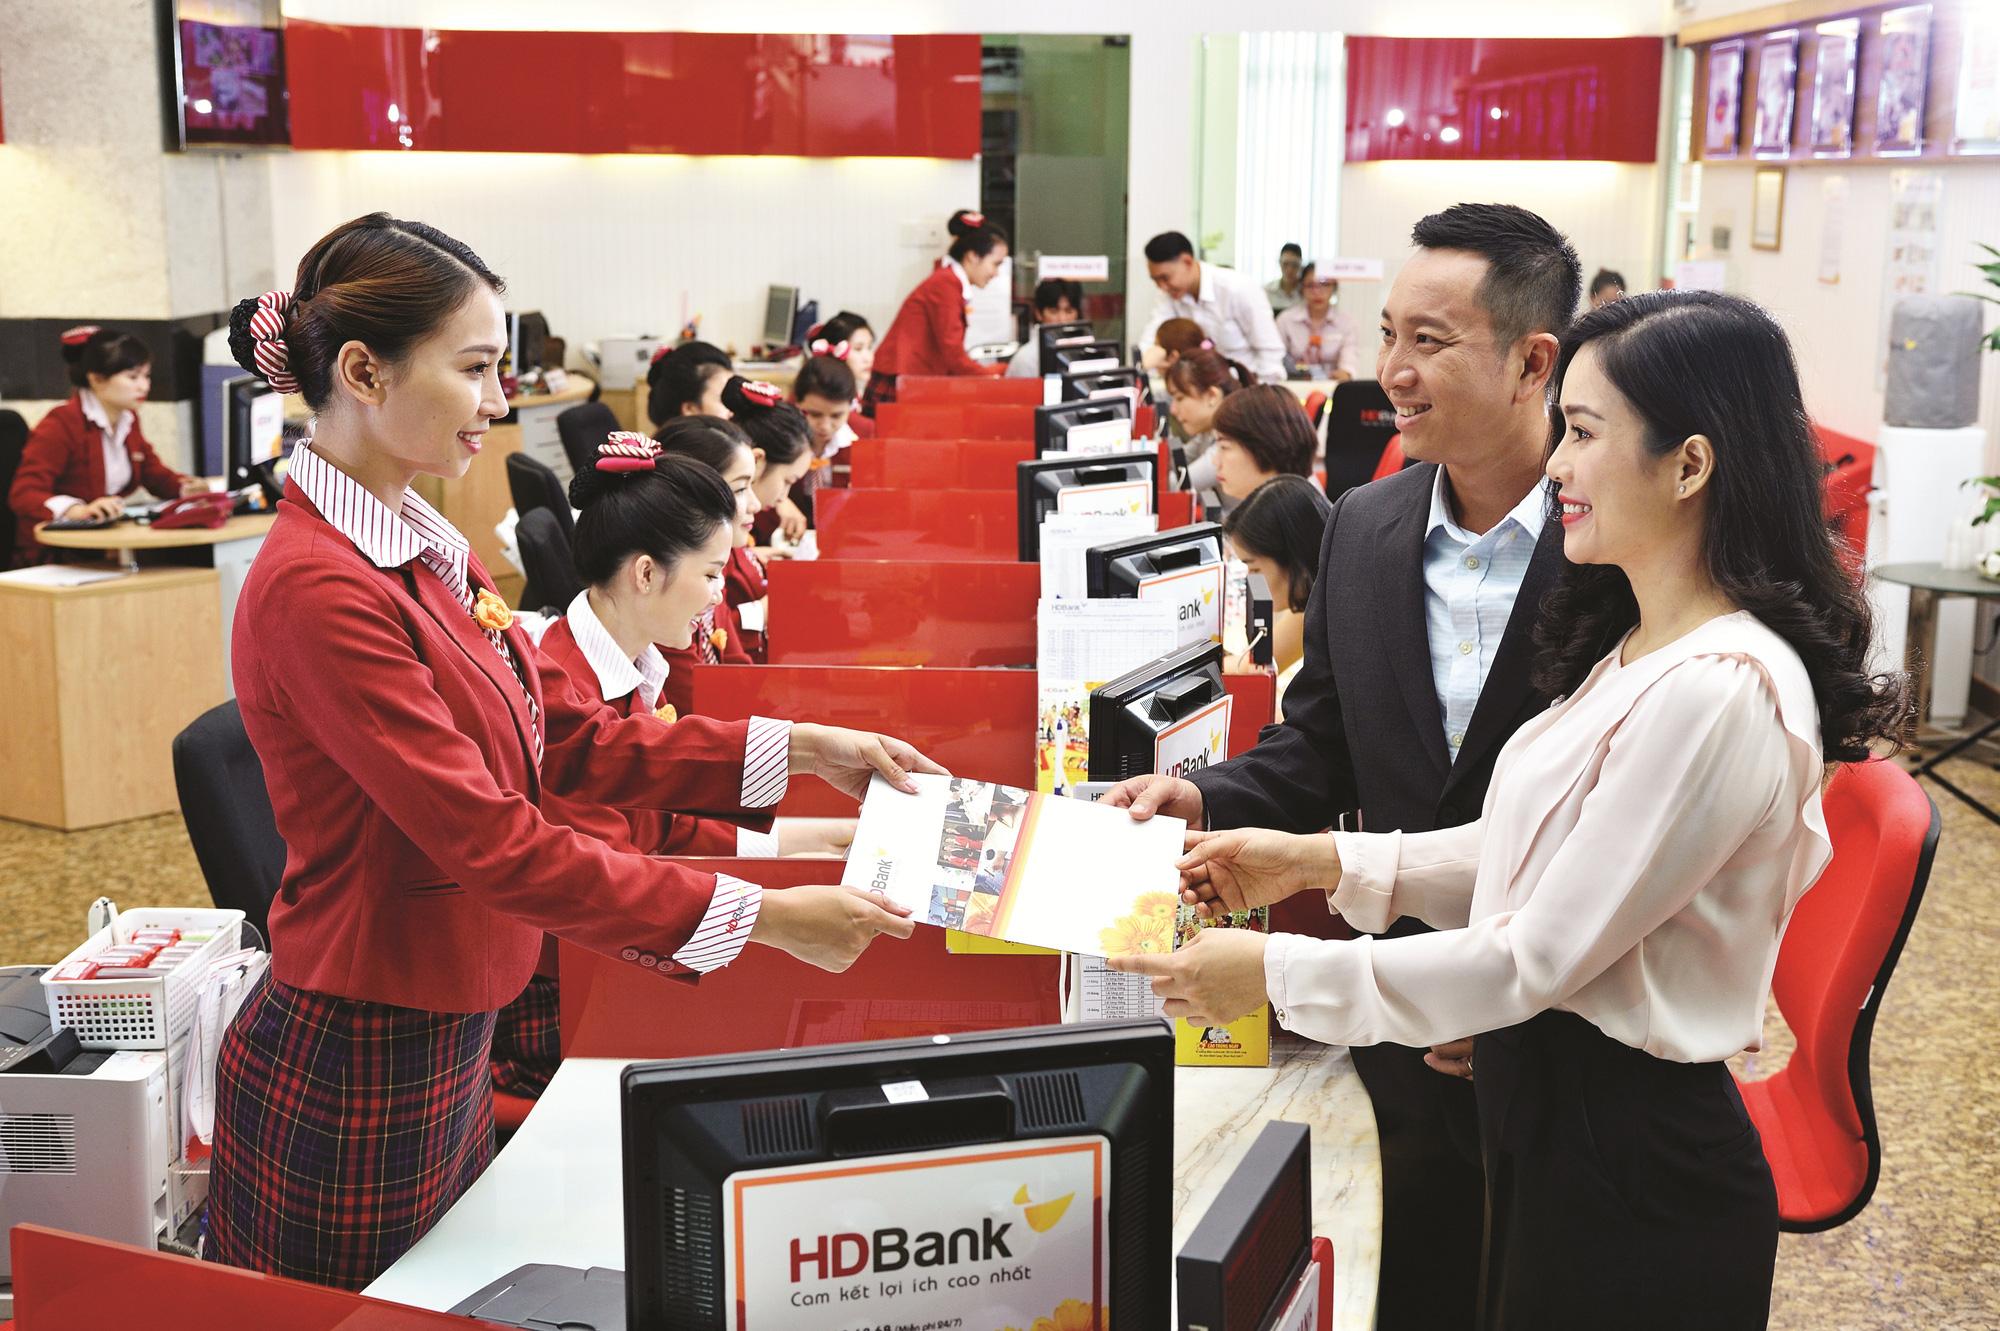 HDBank giảm lãi suất vay tới 4,5% cho khách hàng